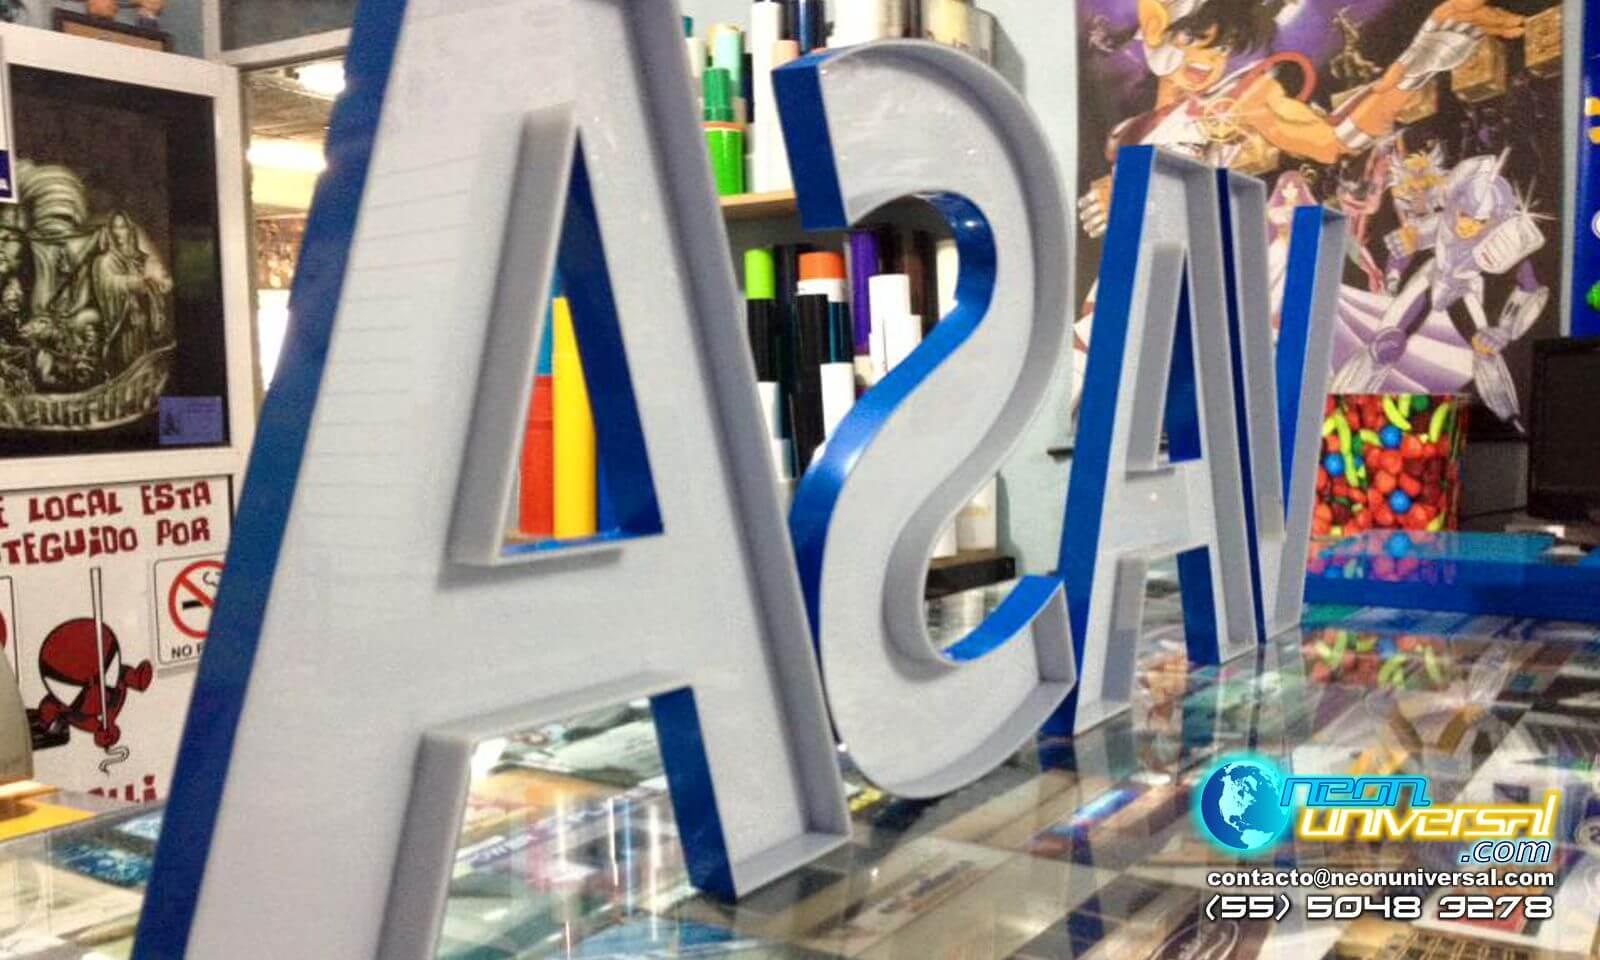 Fabricamos publicidad Logo 3D Vasa.